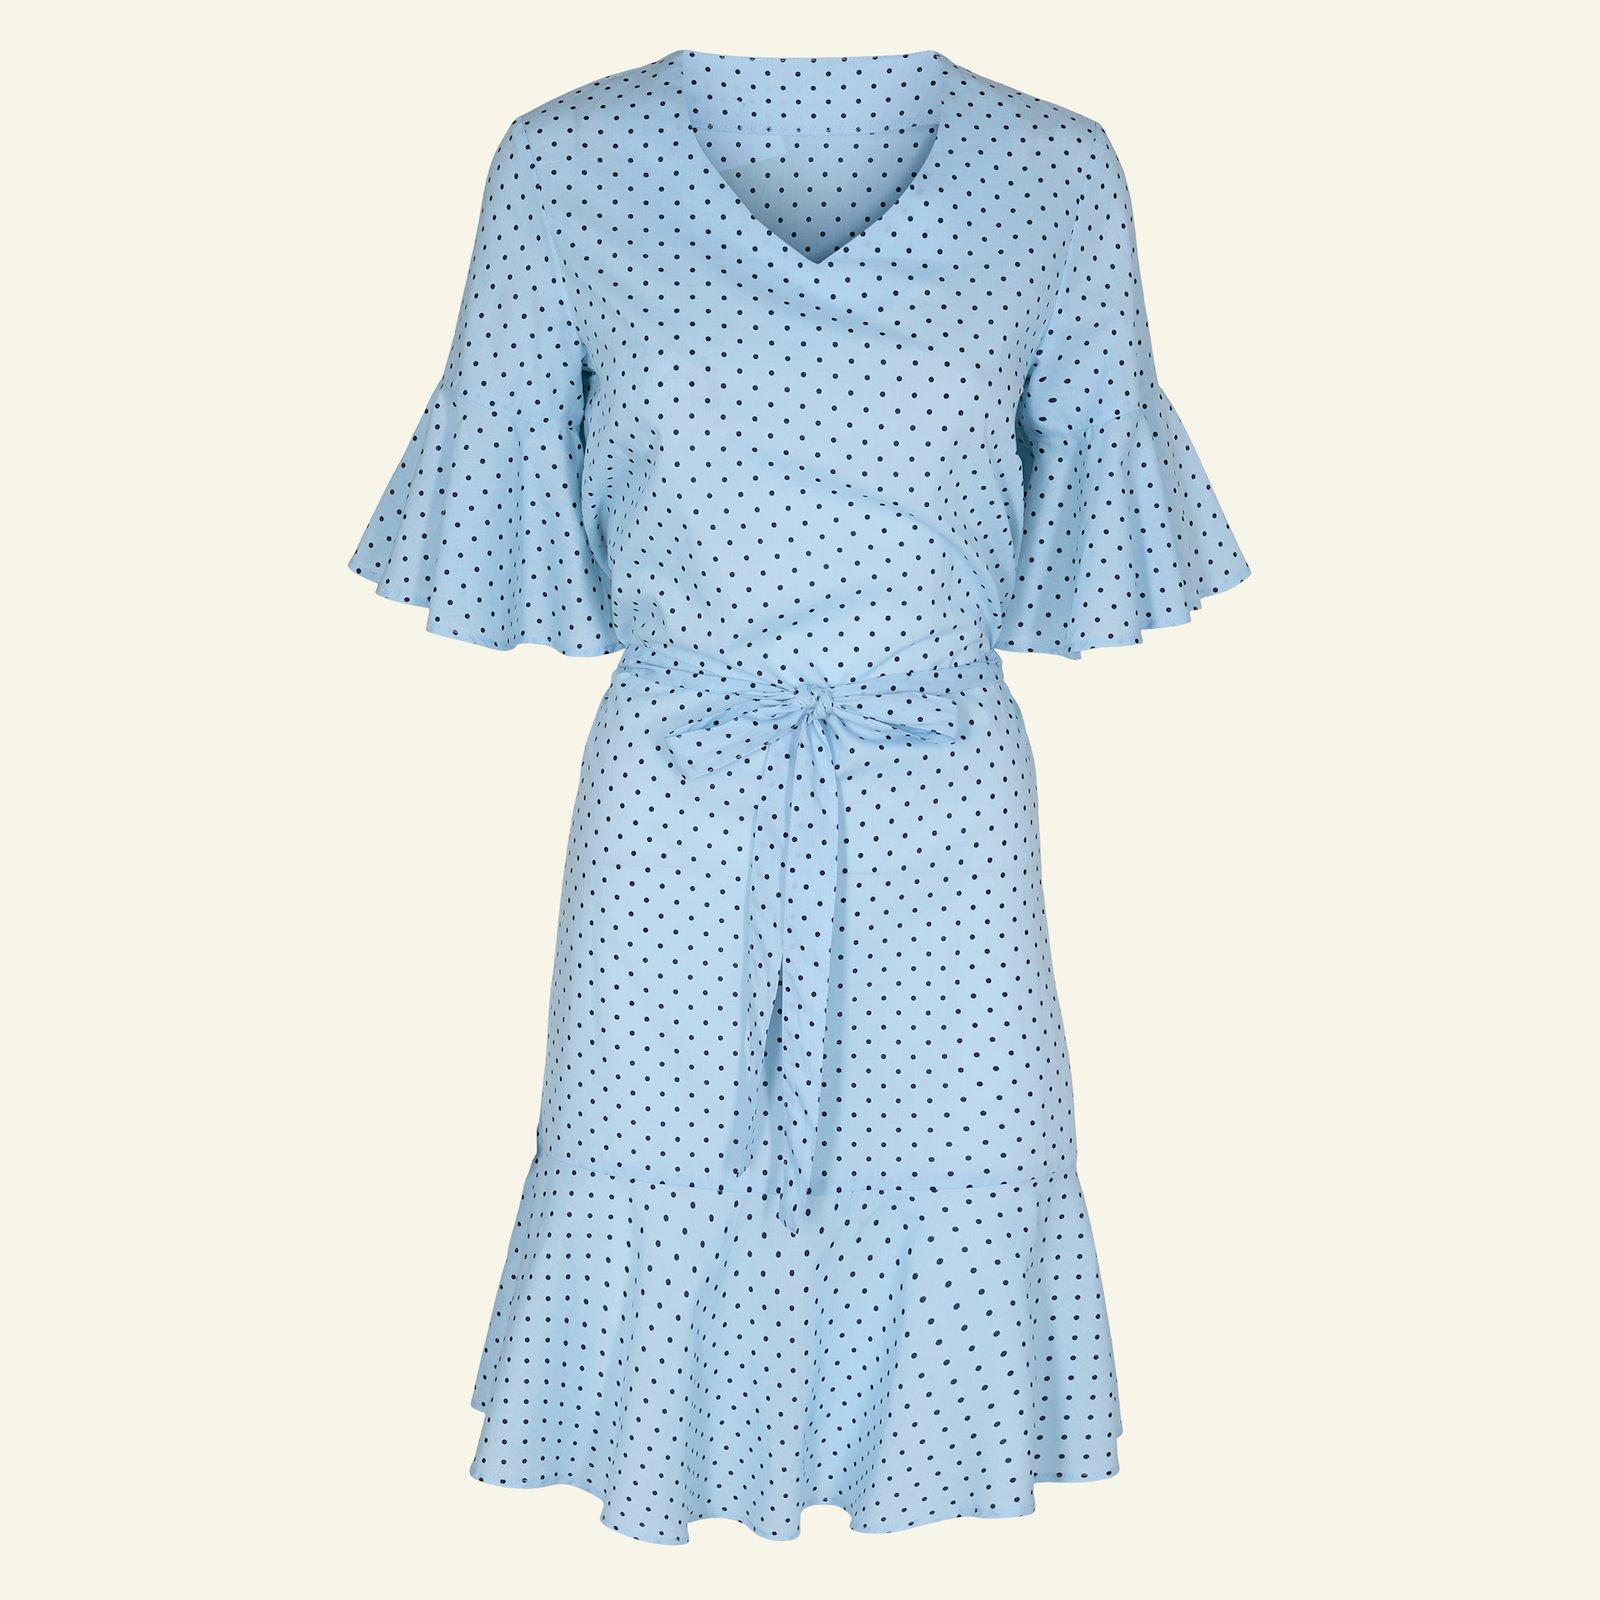 Woven light cotton light blue w navy dot p23150_501857_sskit